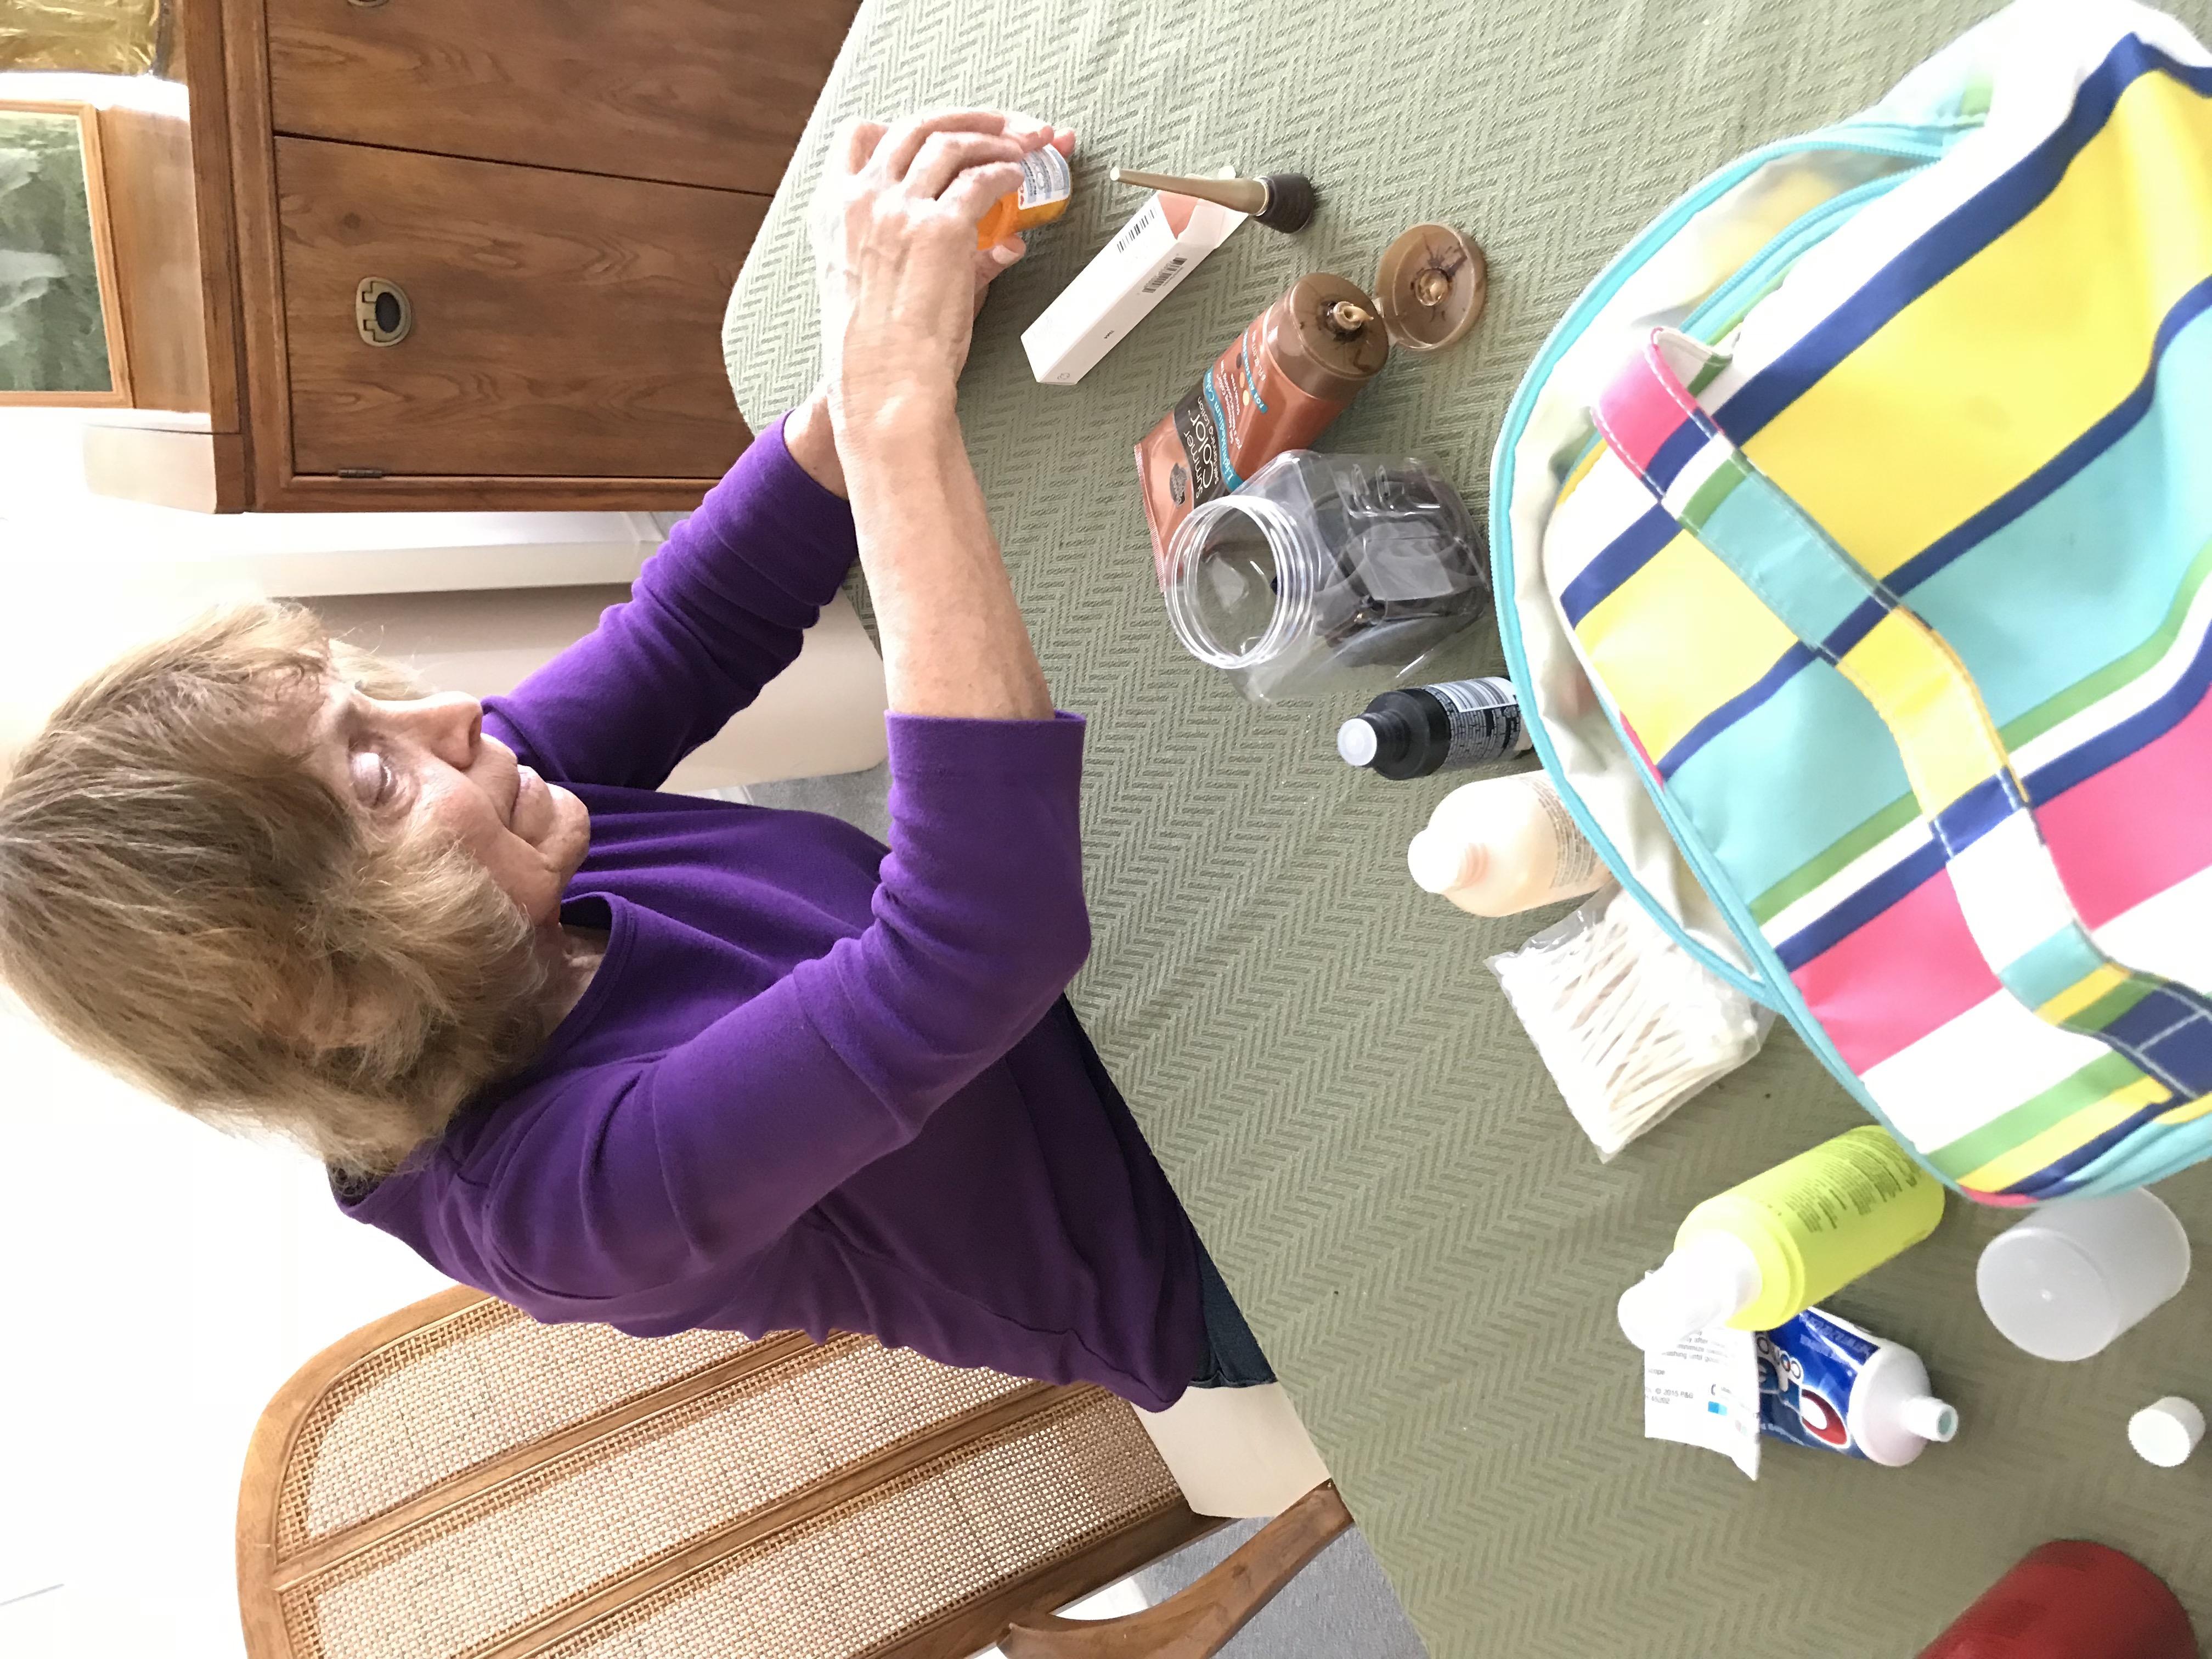 Woman organizing make up bag